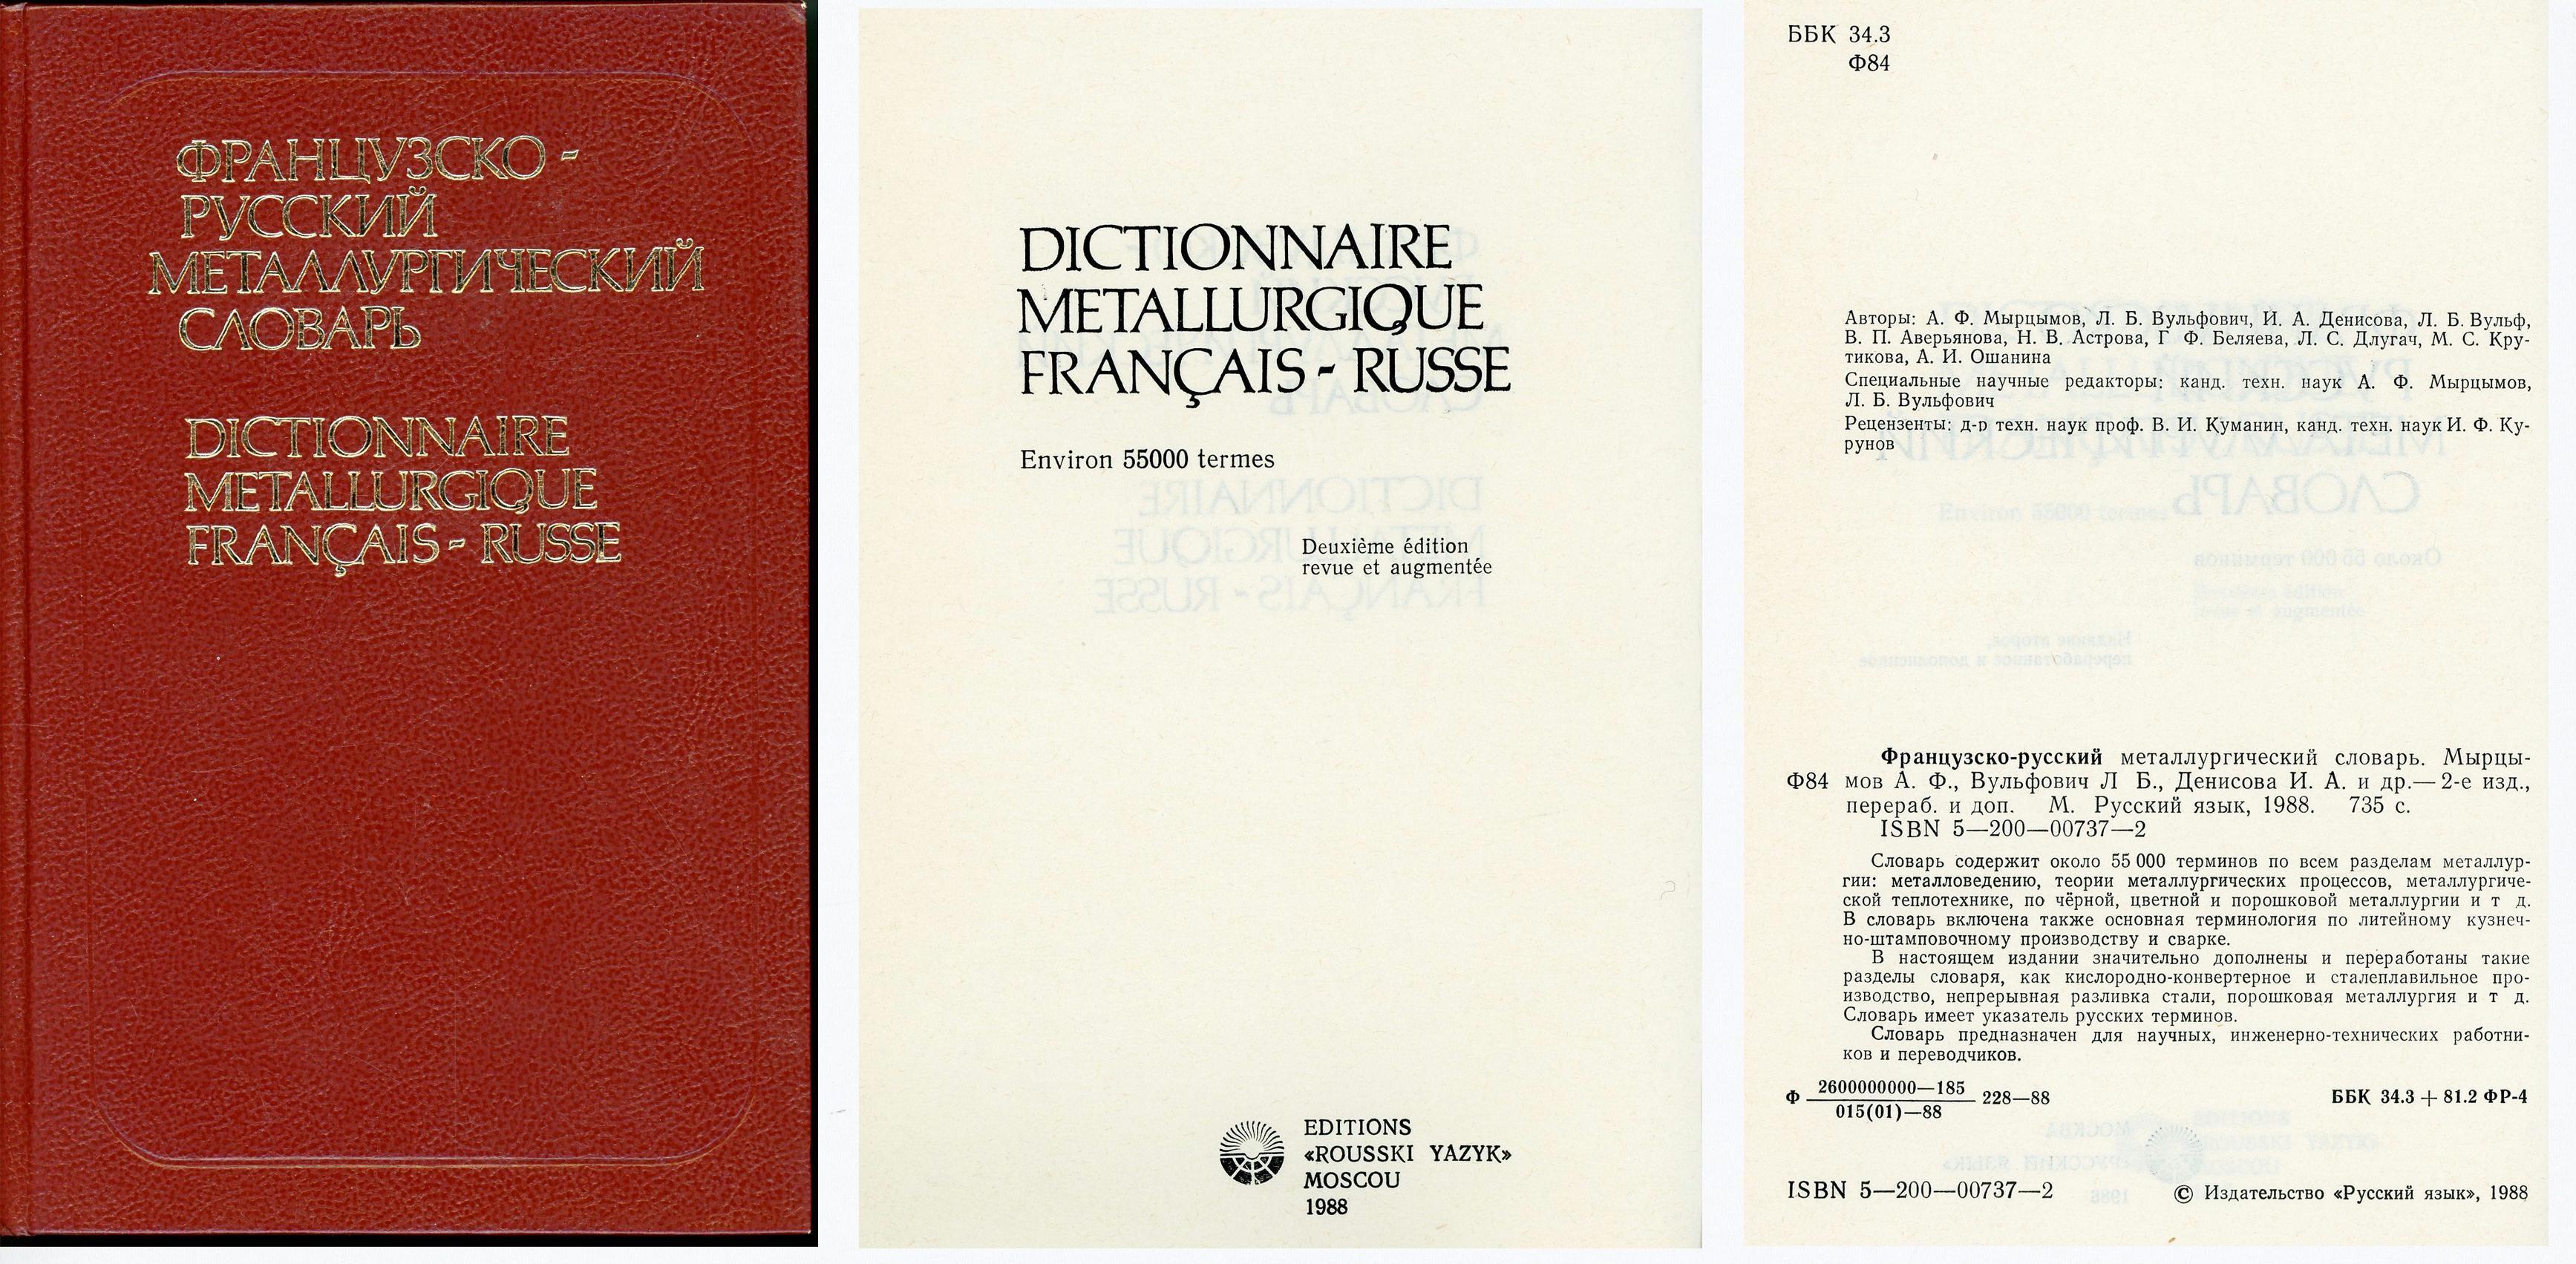 Dictionnaire de la métallurgie  (Français - Russe) 35 Saint-Laurent-de-Mure (69)